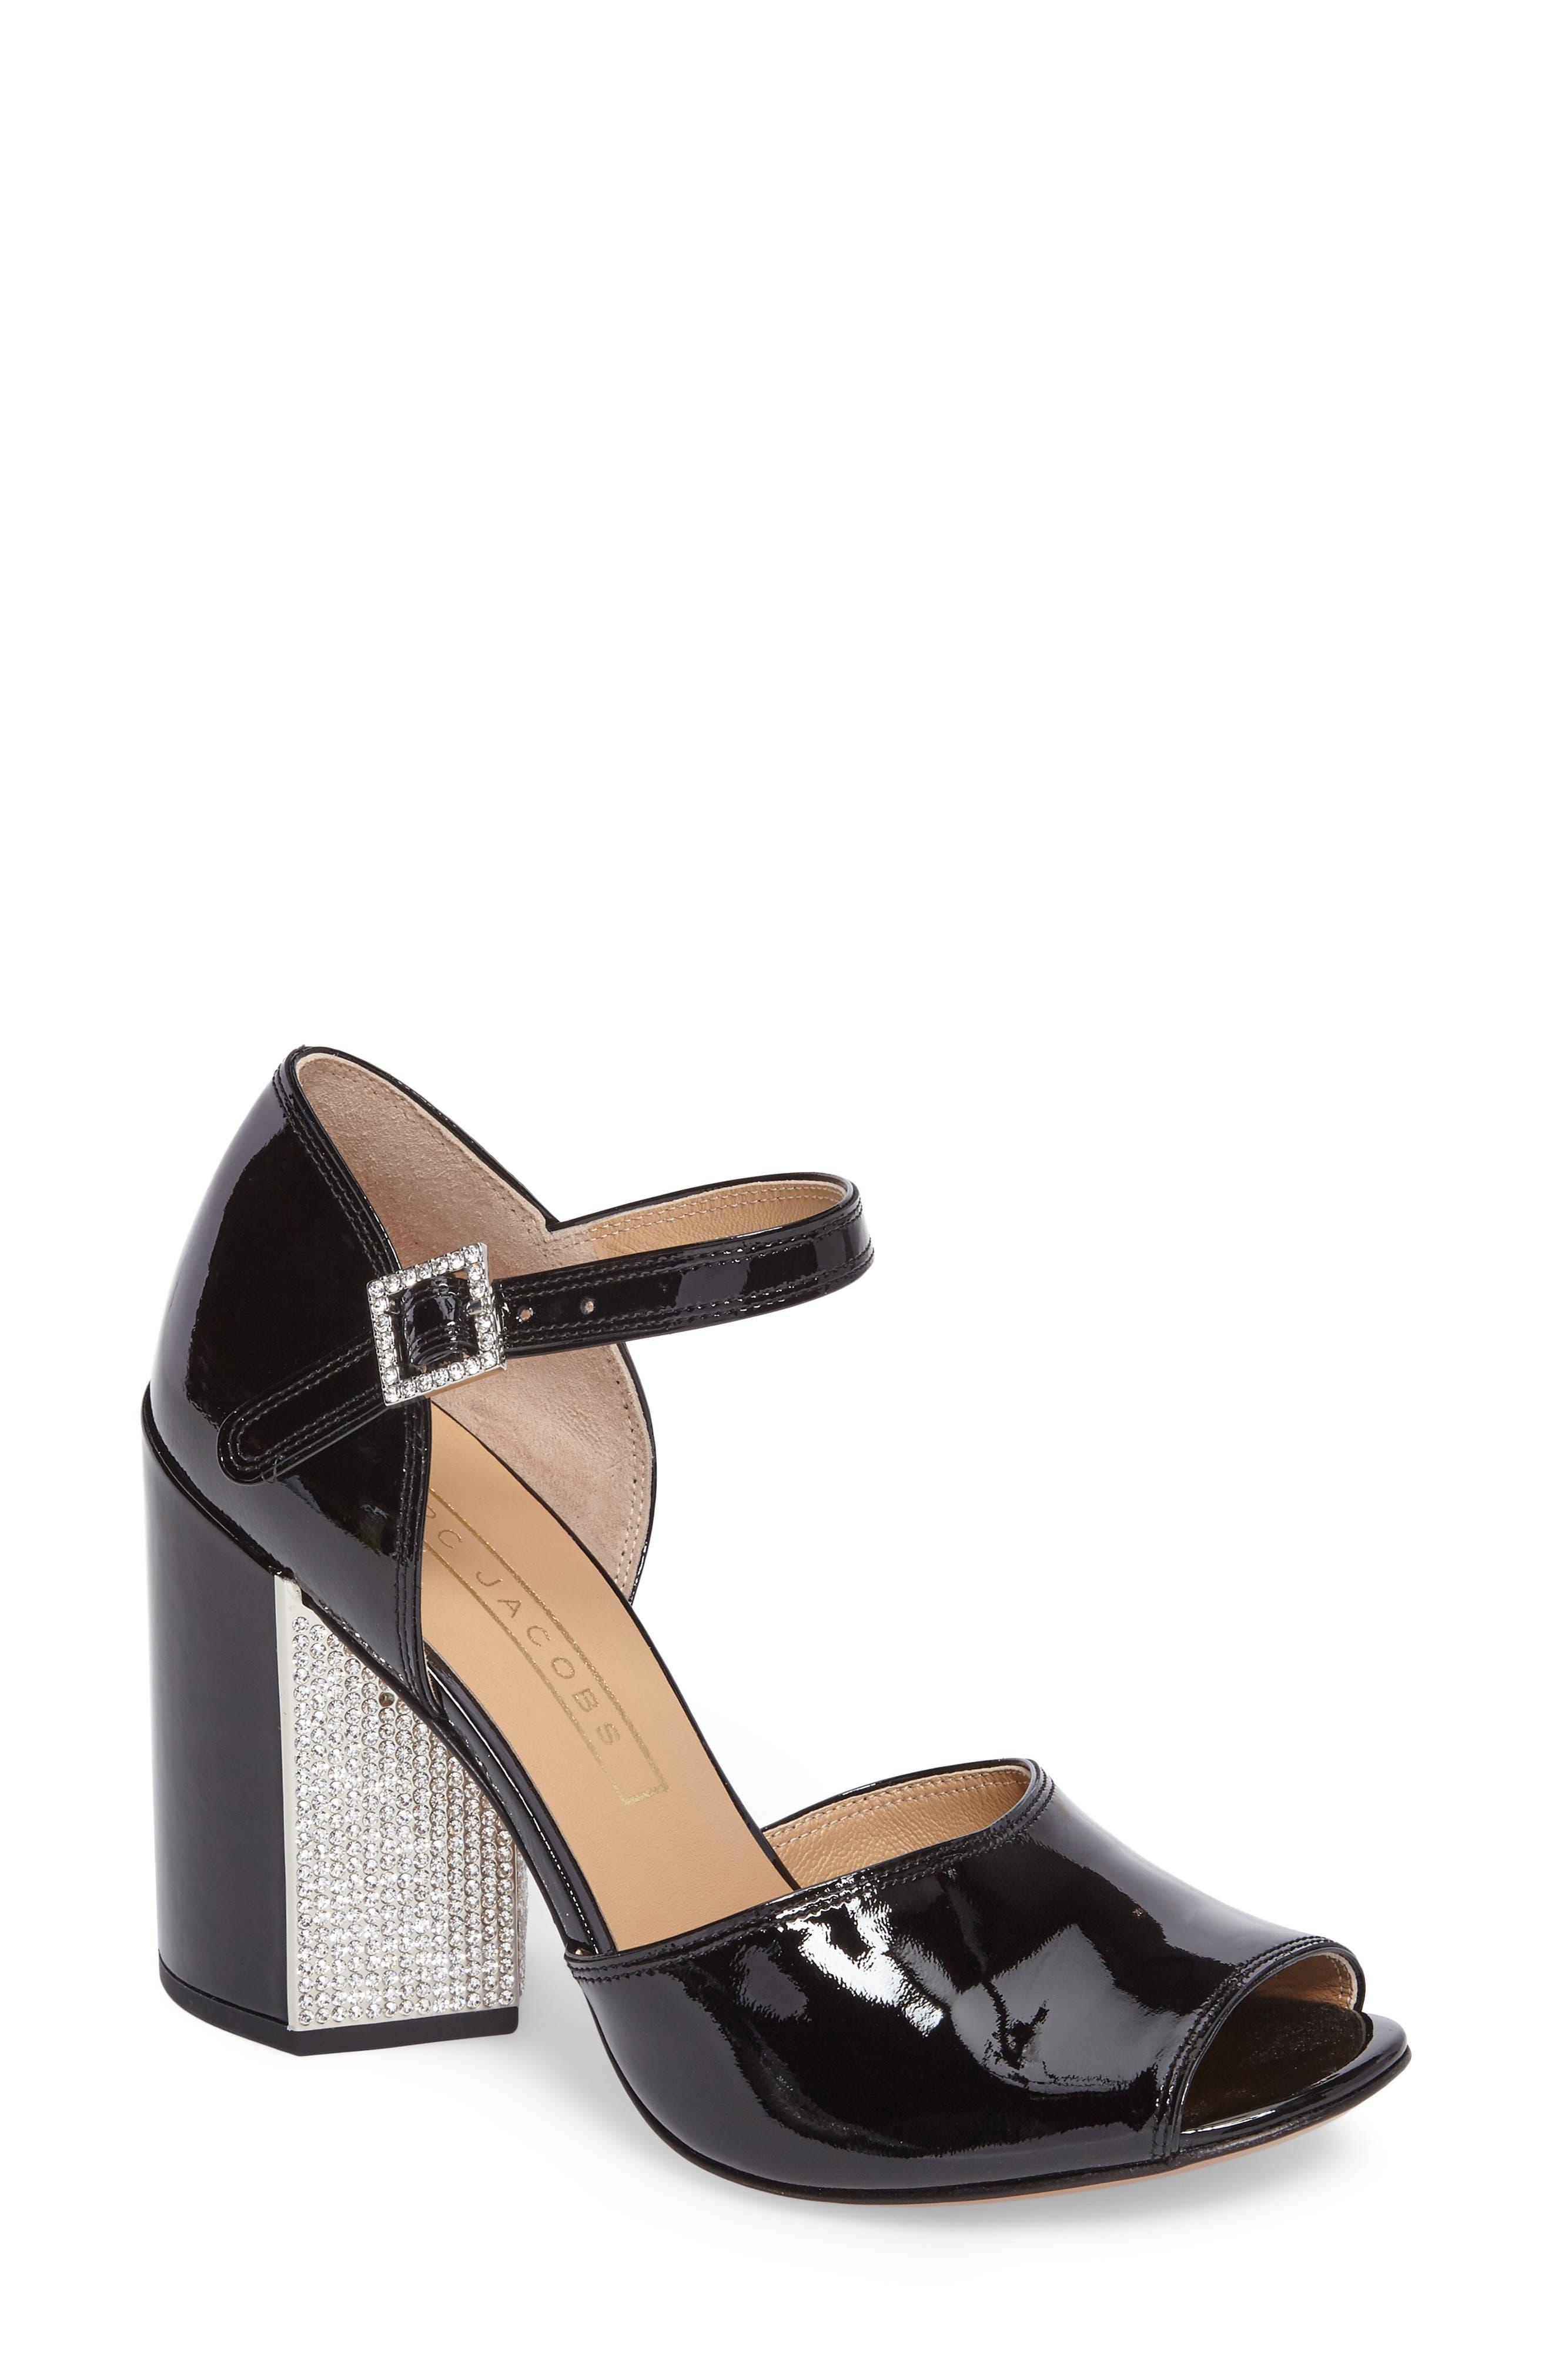 Kasia Embellished Ankle Strap Sandal,                         Main,                         color, Black